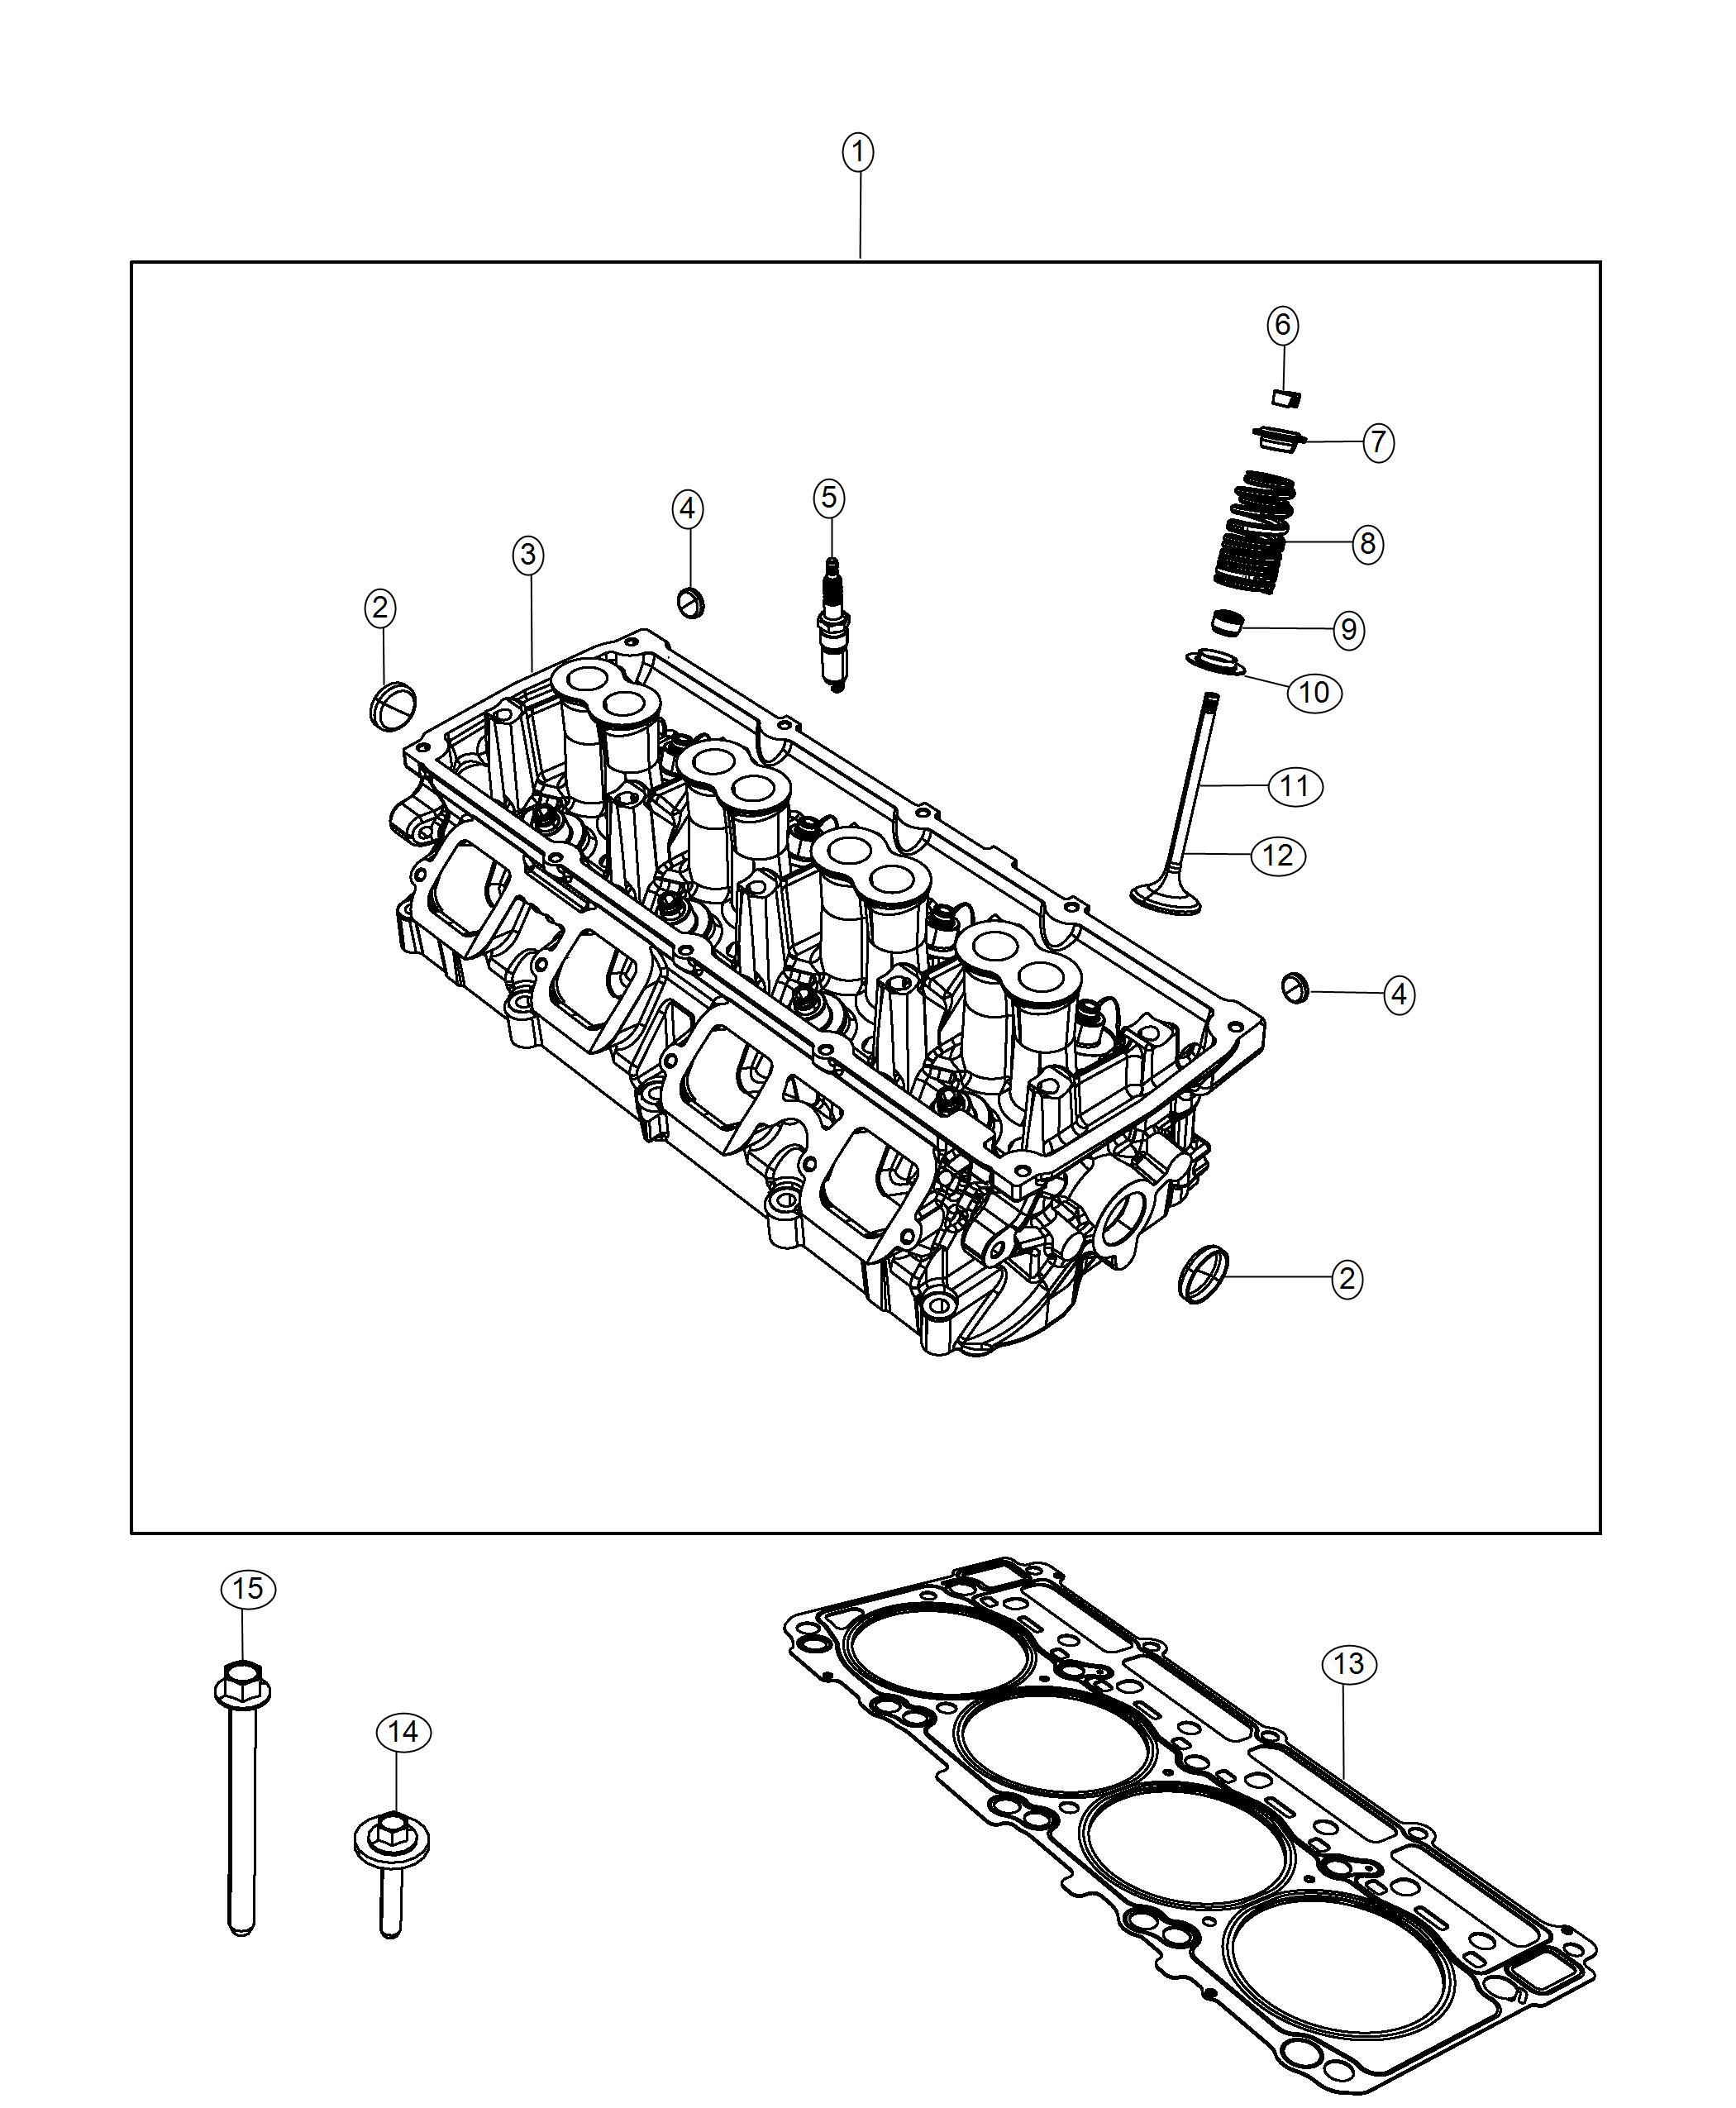 Dodge Charger Spark Plug Left Cylinder Head Left